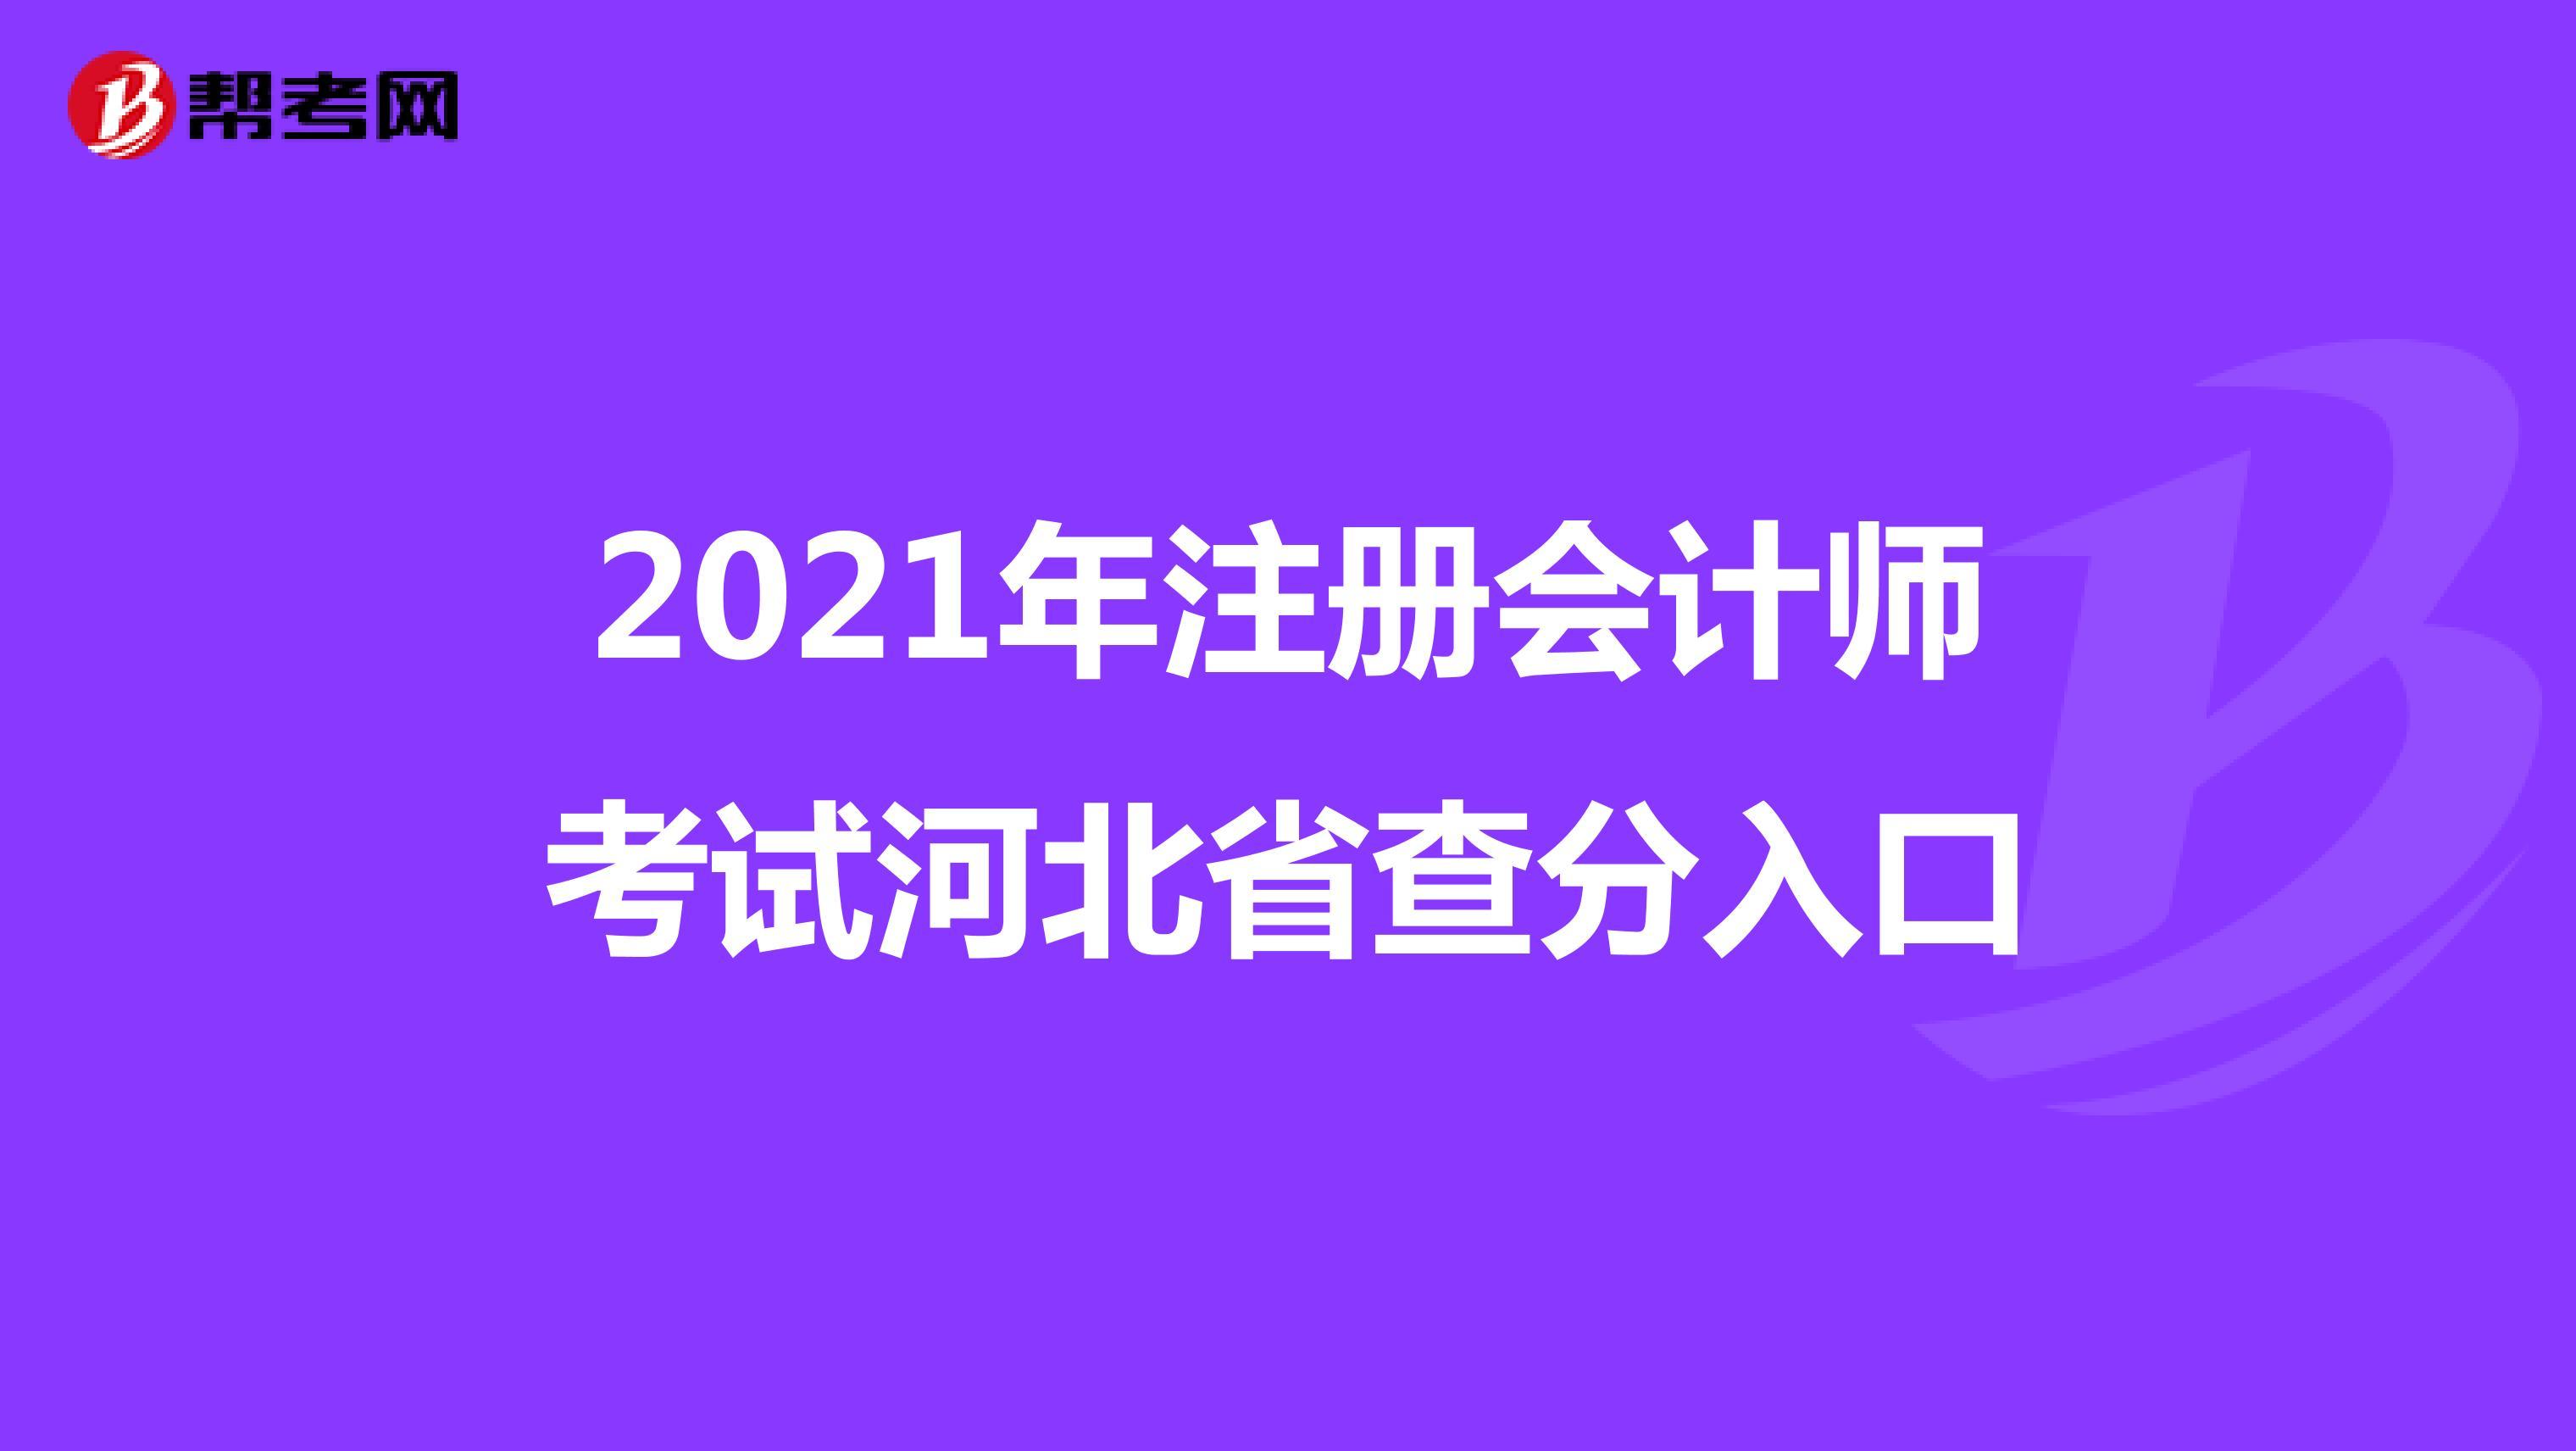 2021年注册会计师考试河北省查分入口